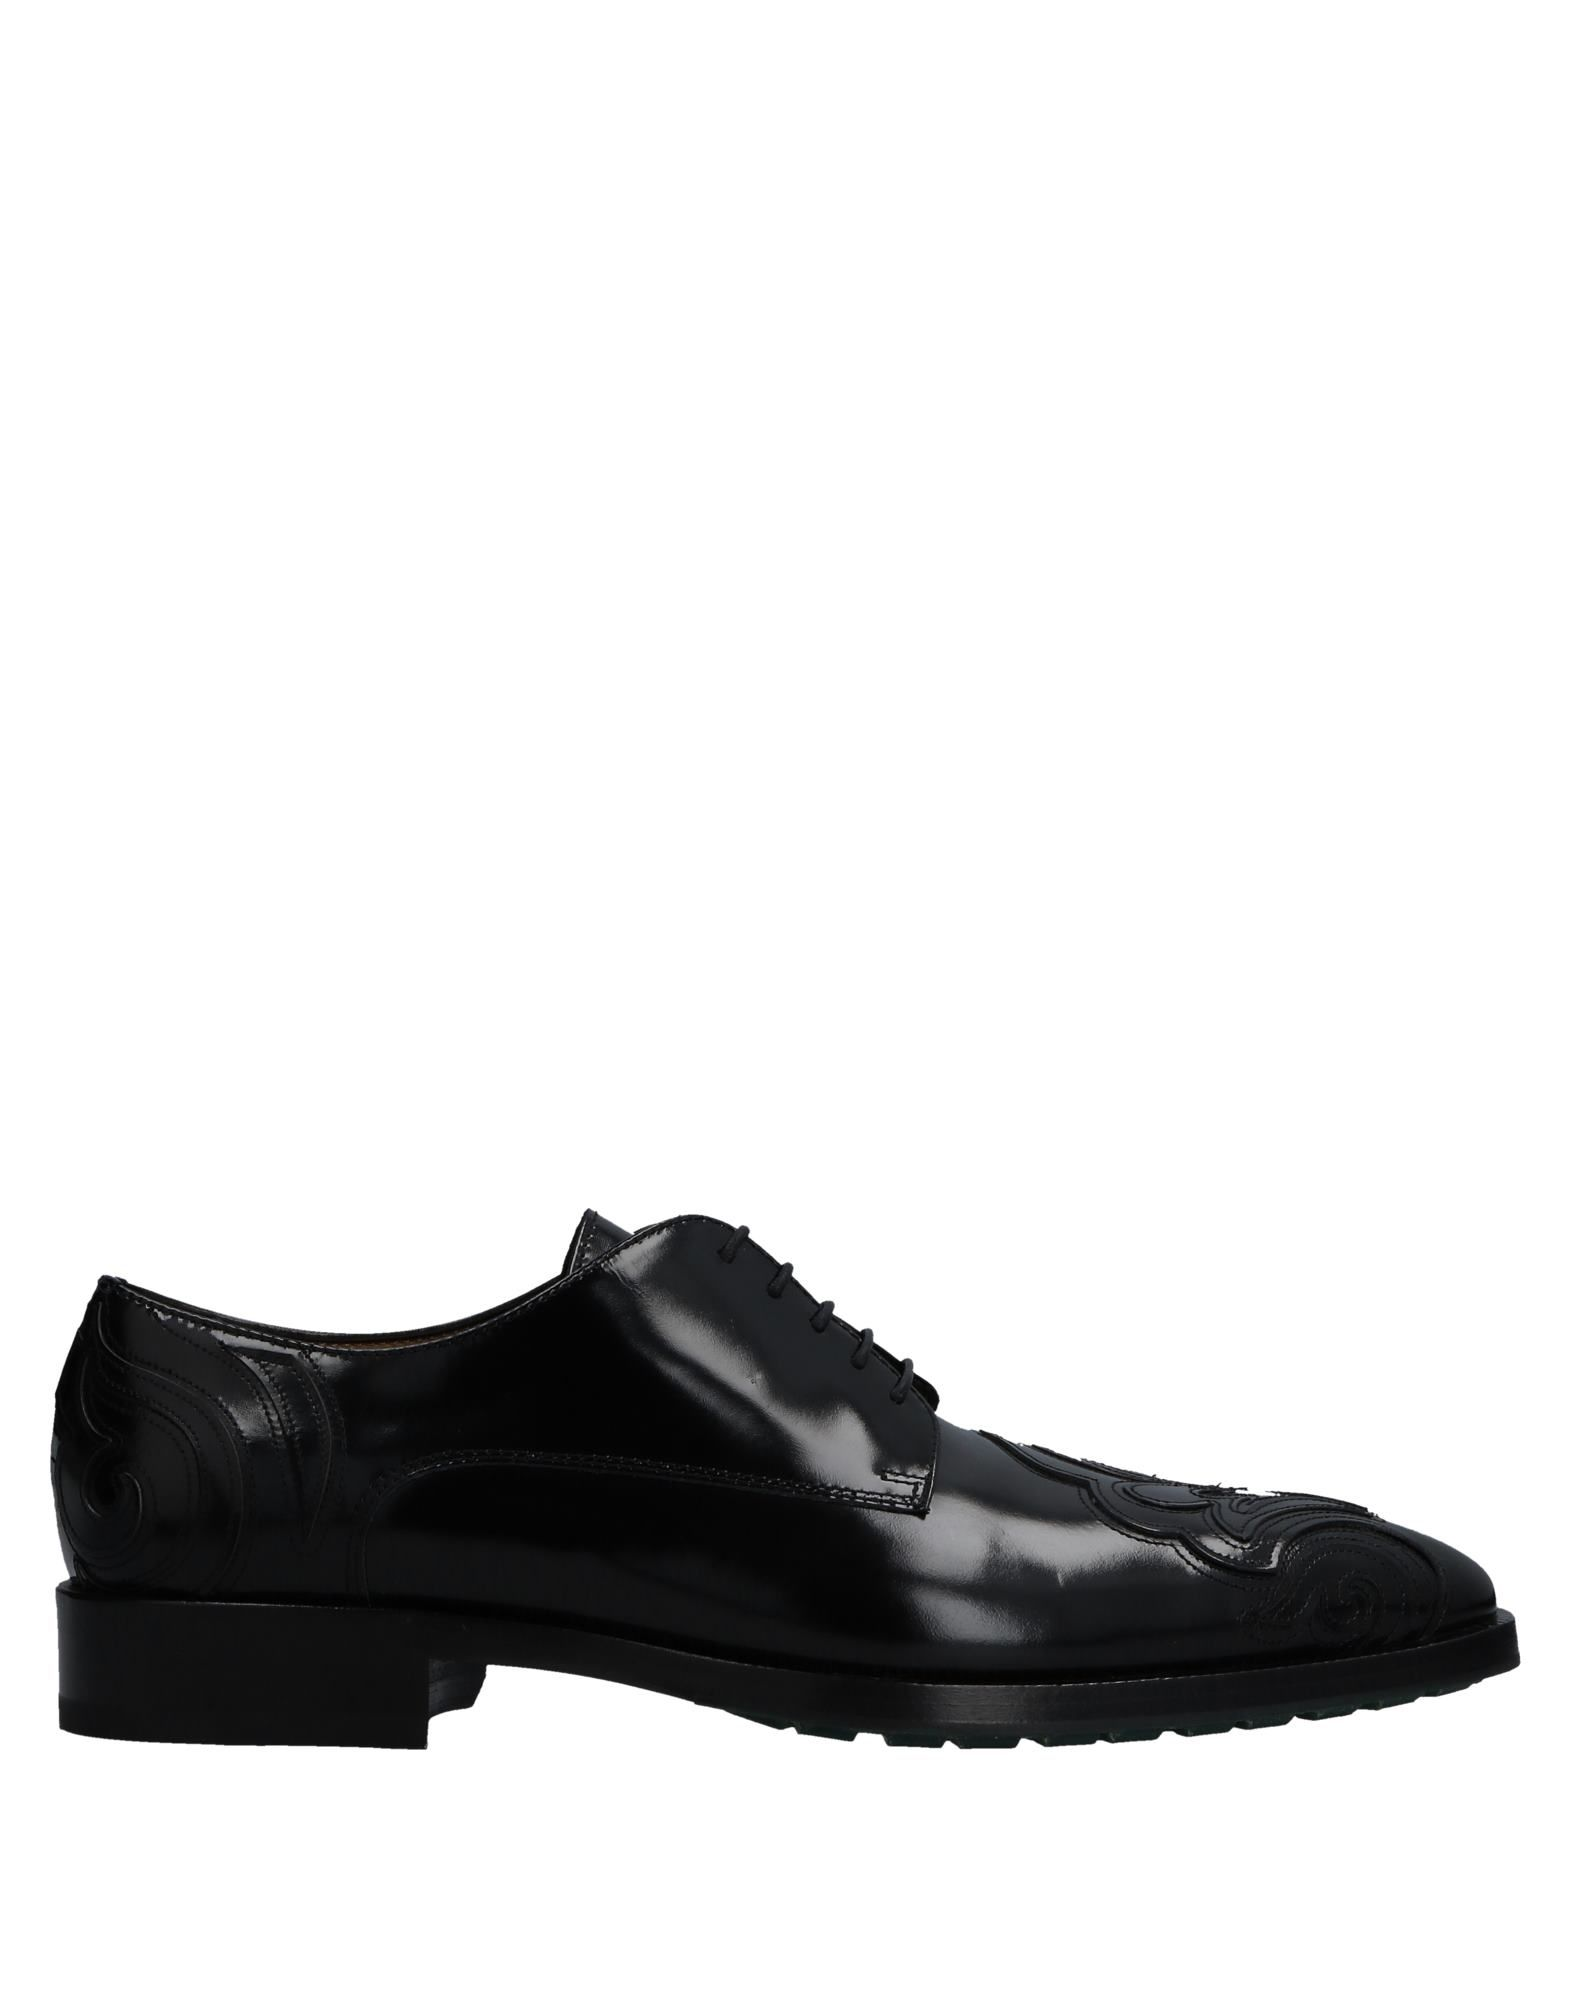 Etro Schnürschuhe Herren  11523886IJ Gute Qualität beliebte Schuhe